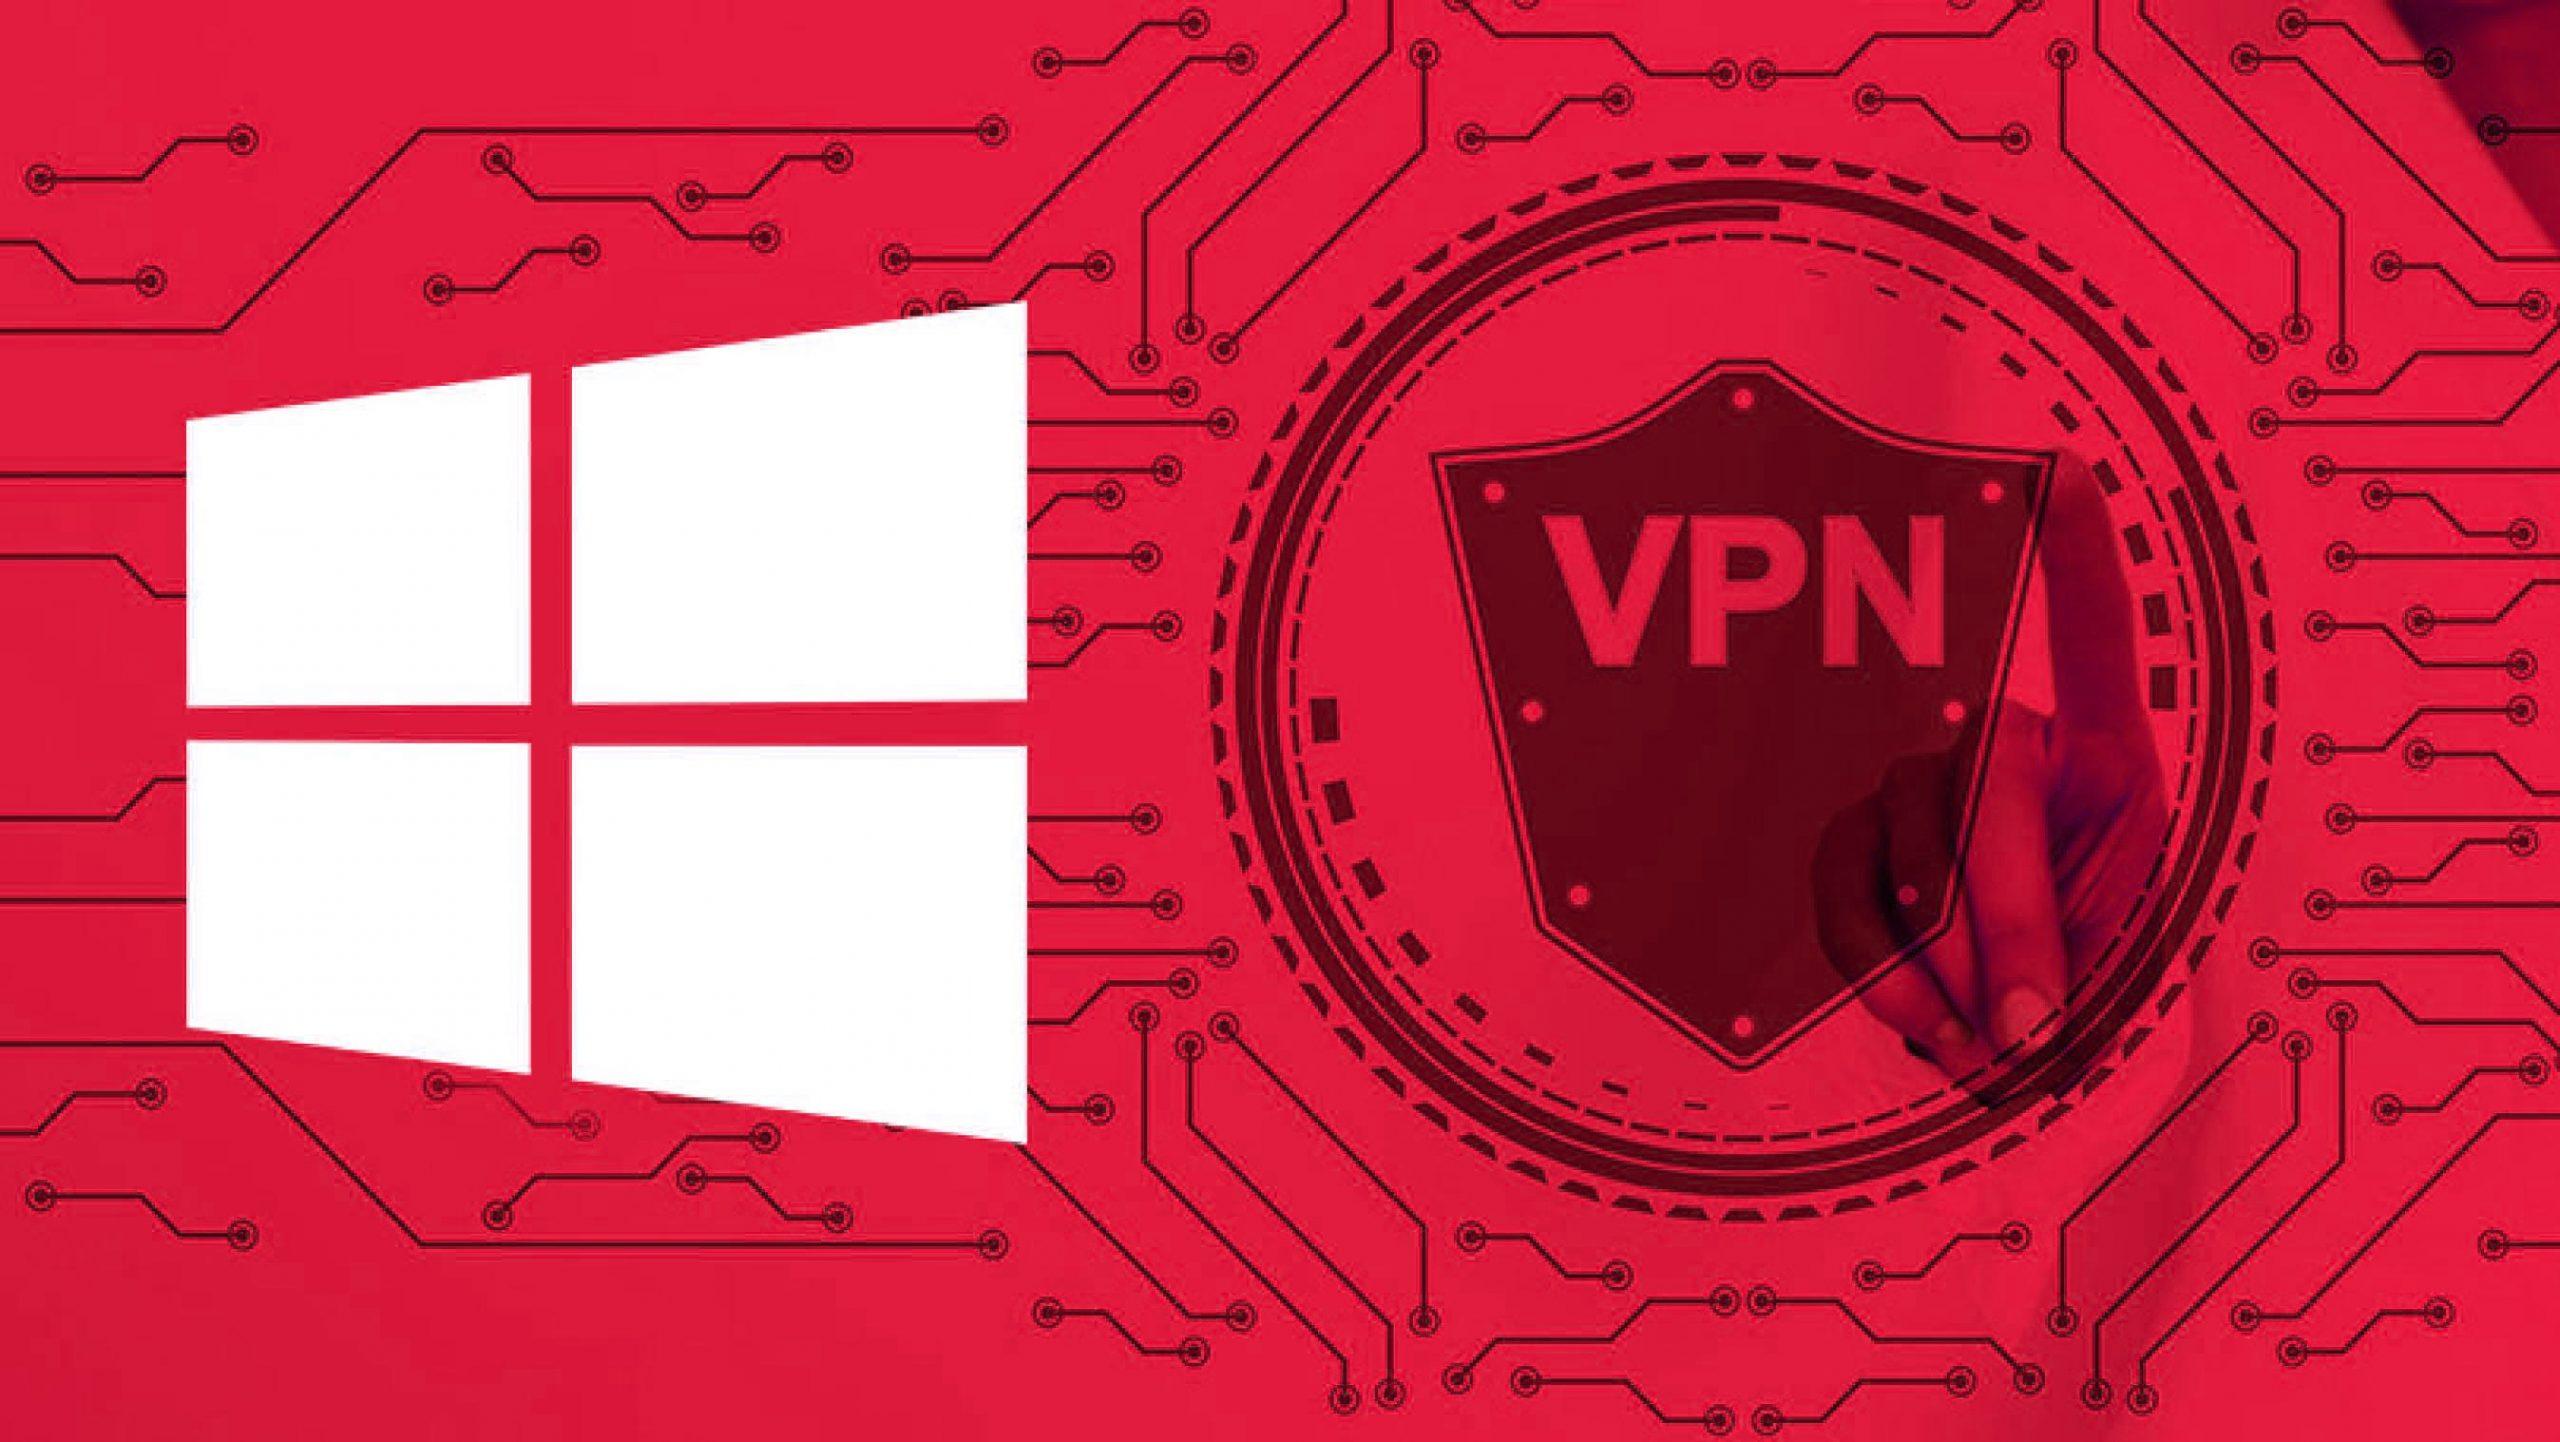 Cum poți configura manual o conexiune VPN în Windows 10